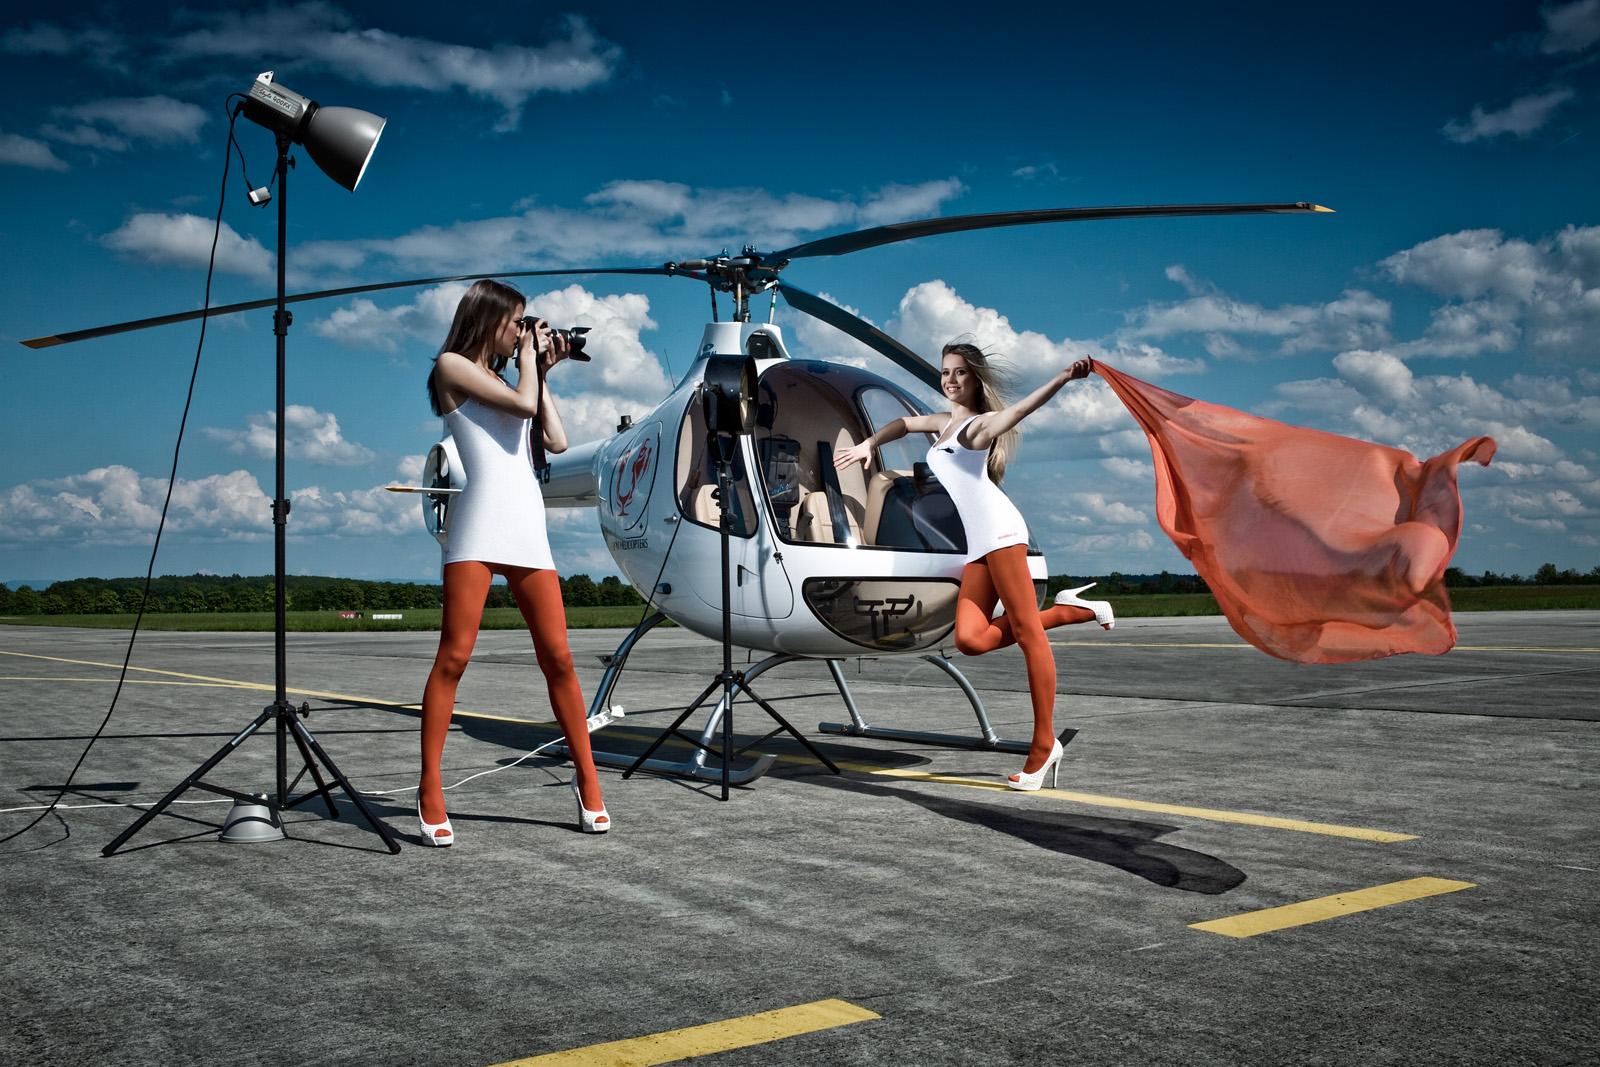 Focení s vrtulníkem na letišti